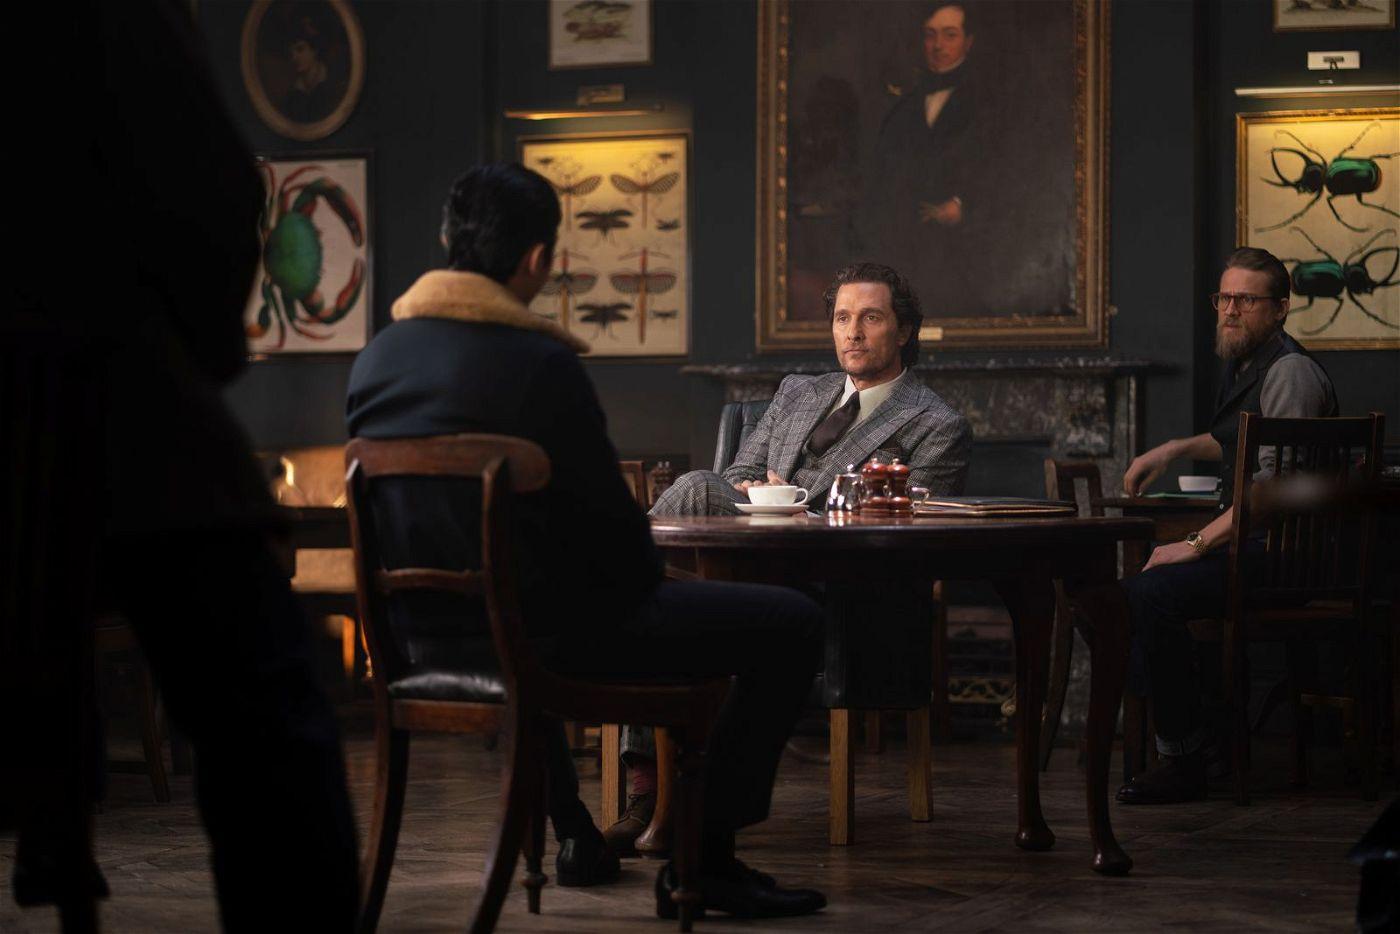 """Der Kleingangster """"Dry Eye"""" (Henry Golding, links) macht  Mickey Pearson (Matthew McConaughey, Mitte) und seiner rechten Hand Ray (Charlie Hunnam) ein Angebot."""